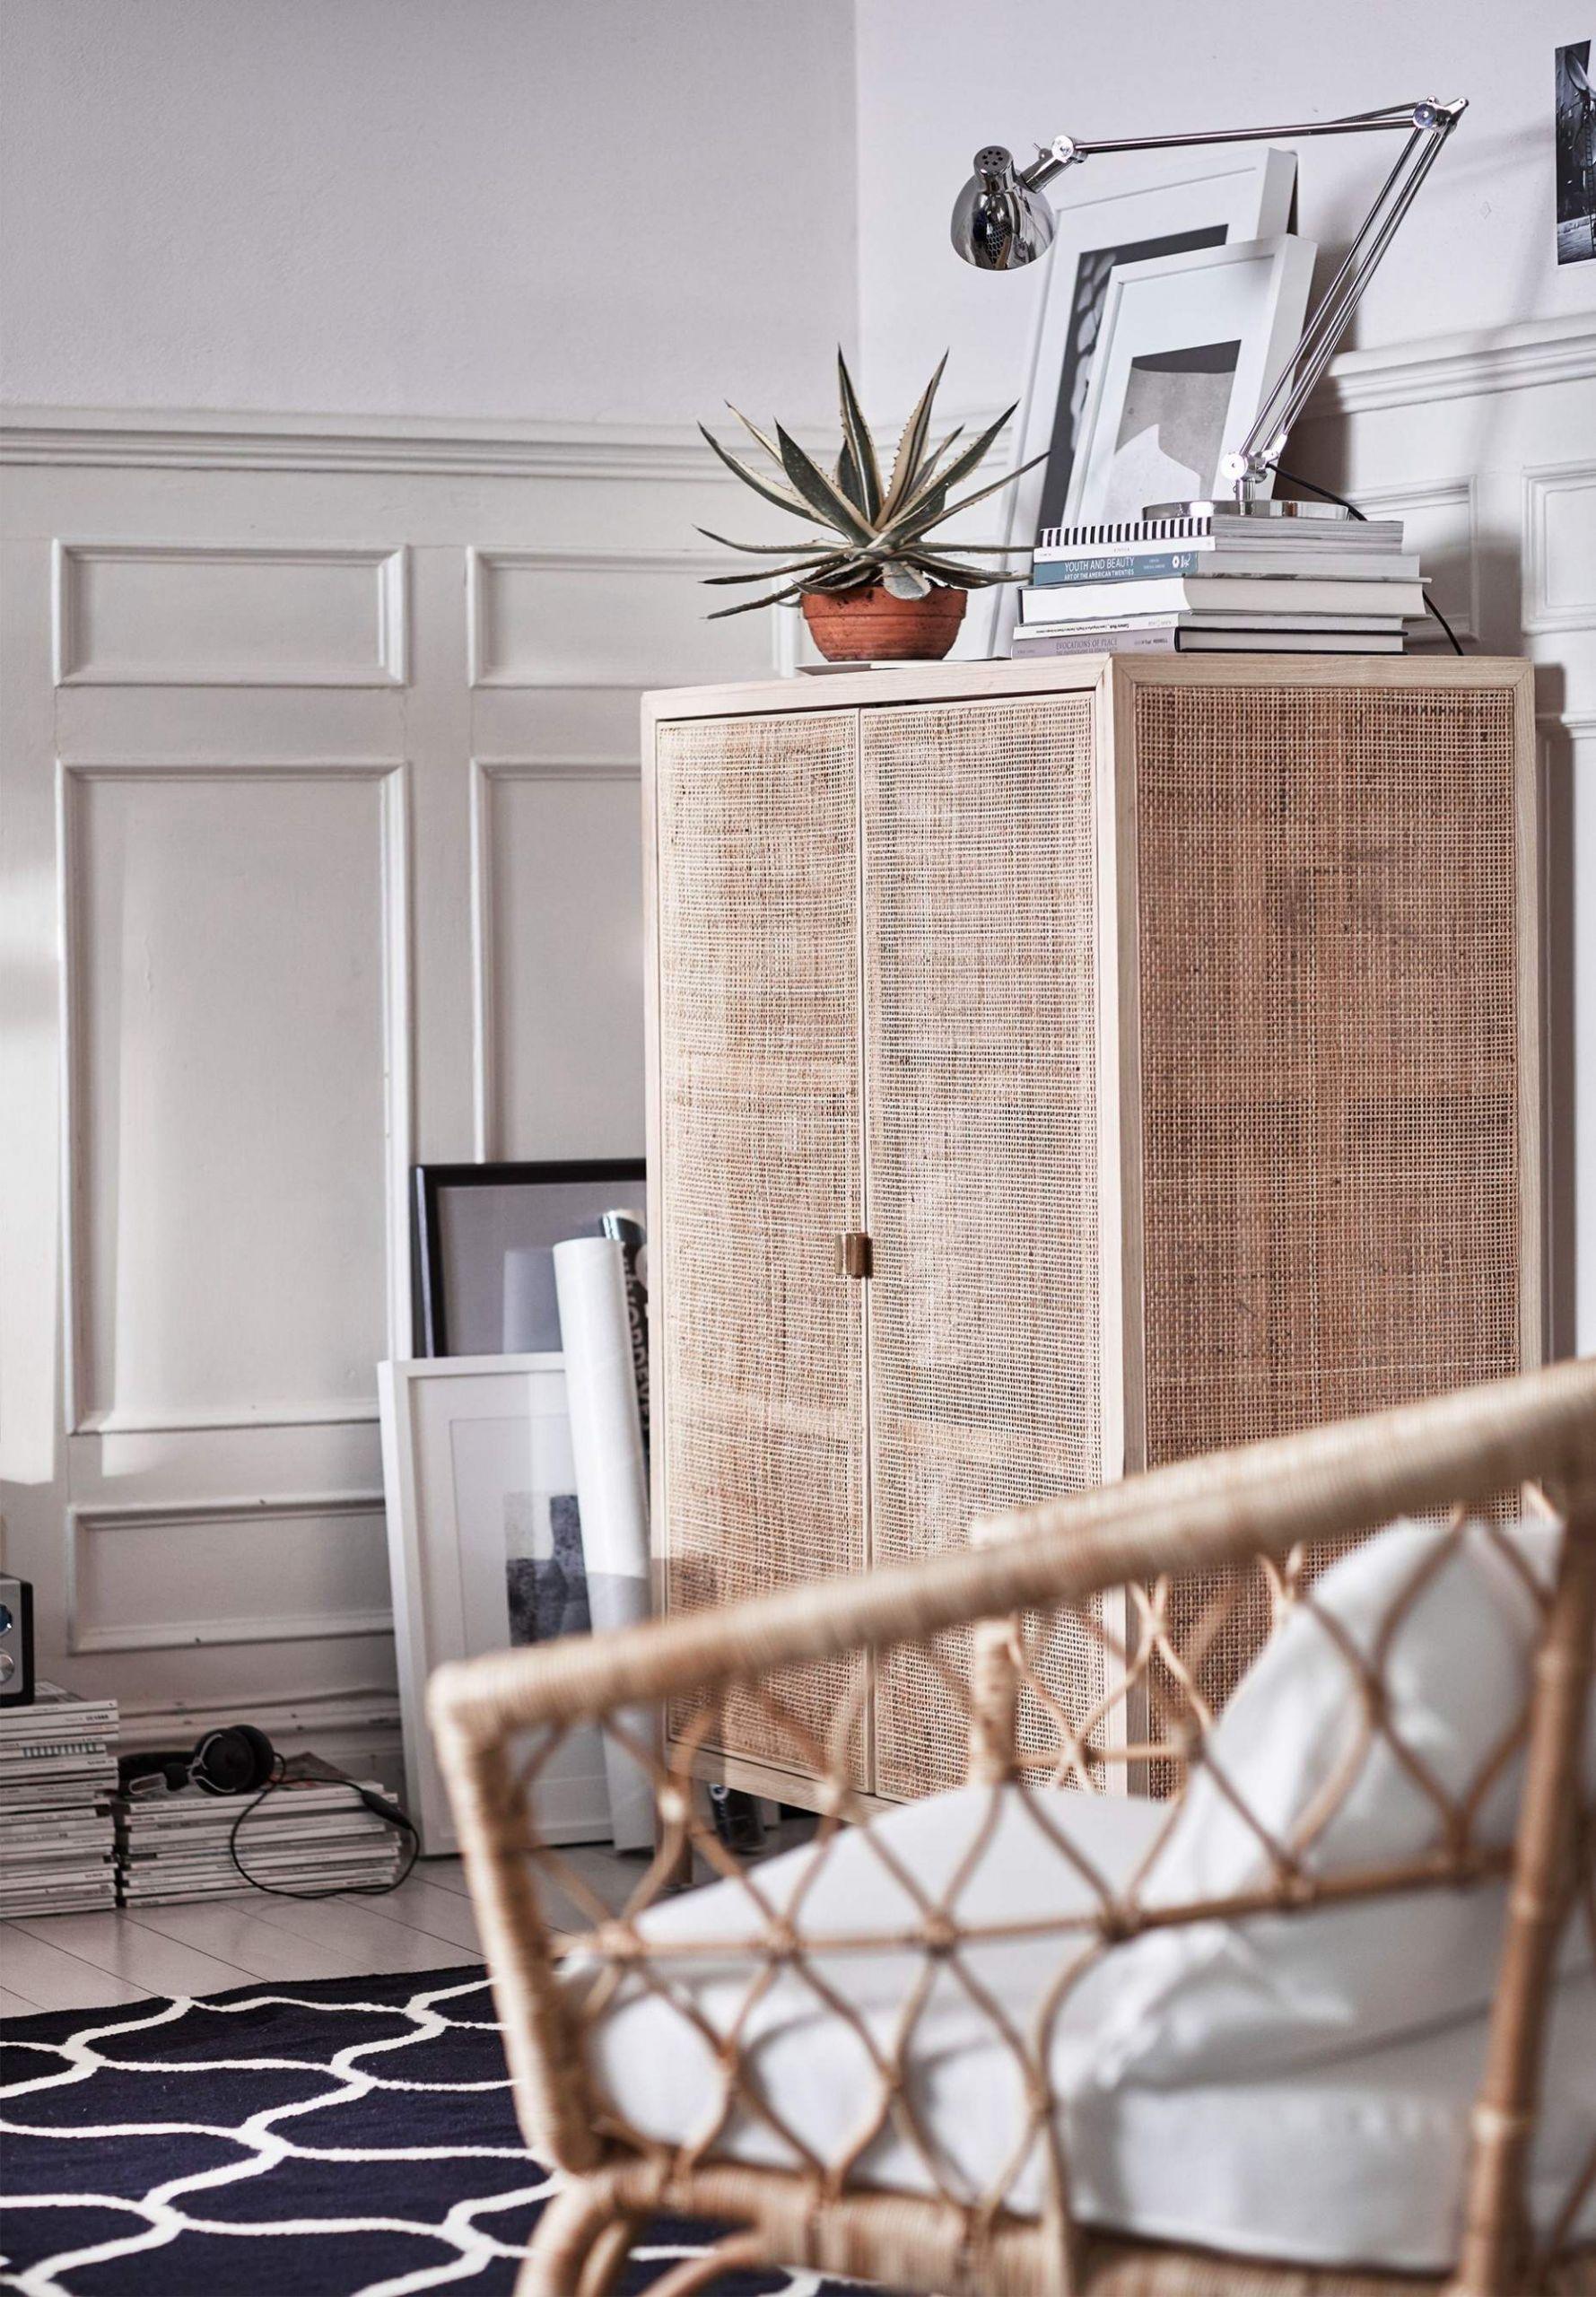 Full Size of Ikea Miniküche Betten 160x200 Bei Küche Kosten Sofa Mit Schlaffunktion Kaufen Modulküche Wohnzimmer Hängelampen Ikea